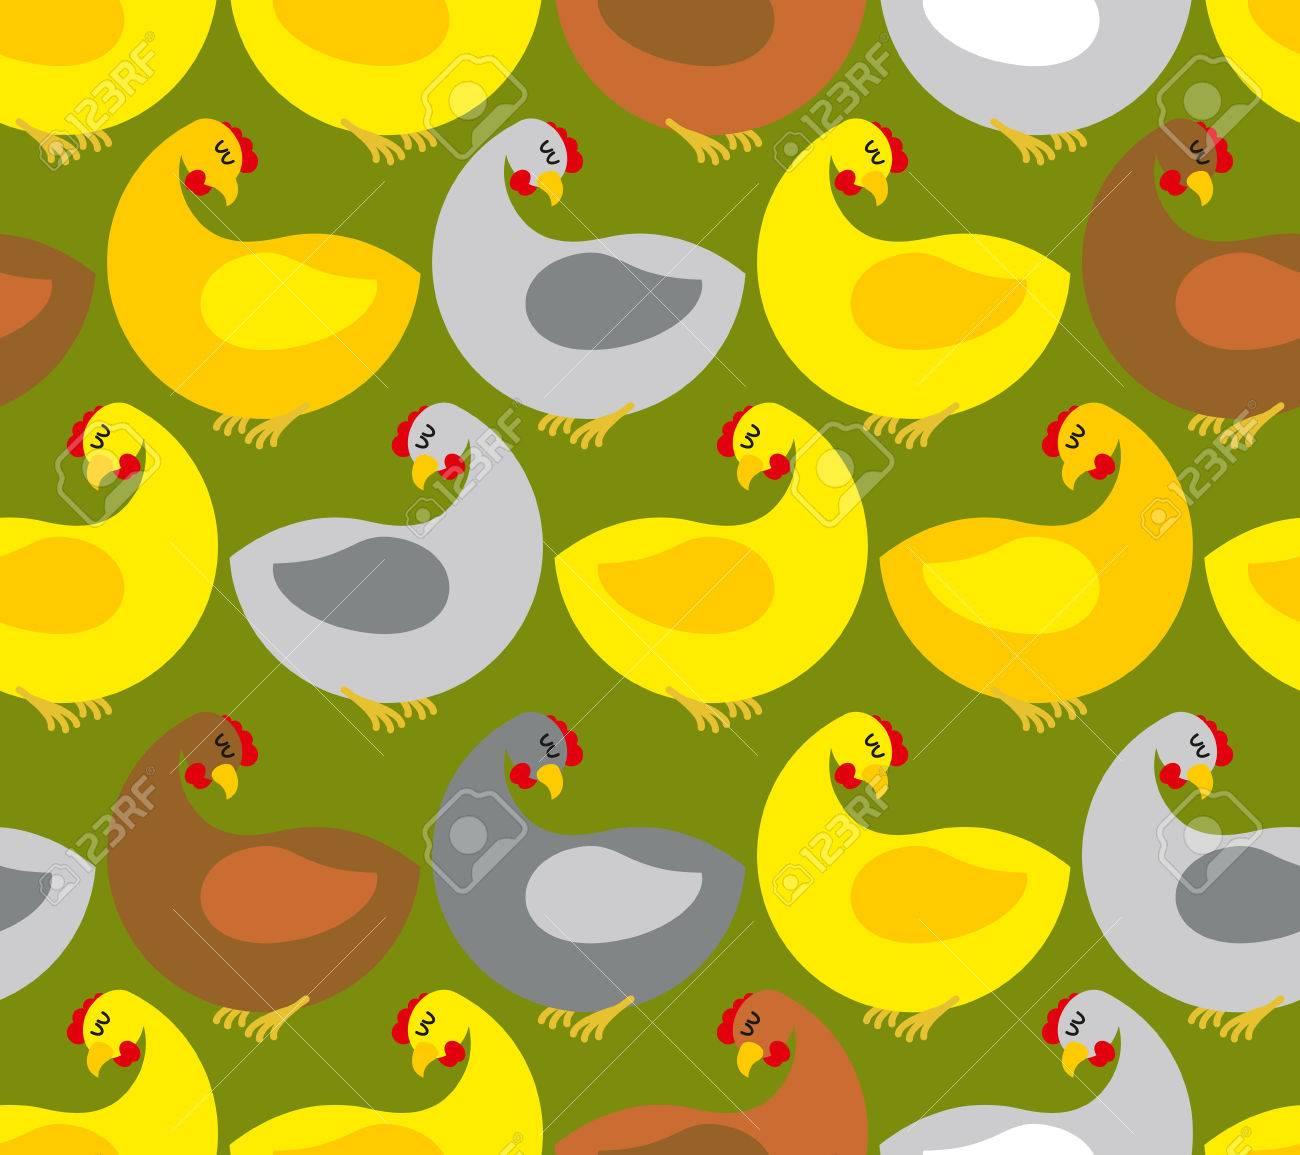 Modelo Inconsútil De Pollo. Granja De Pollos. Muchas Aves De Colores ...